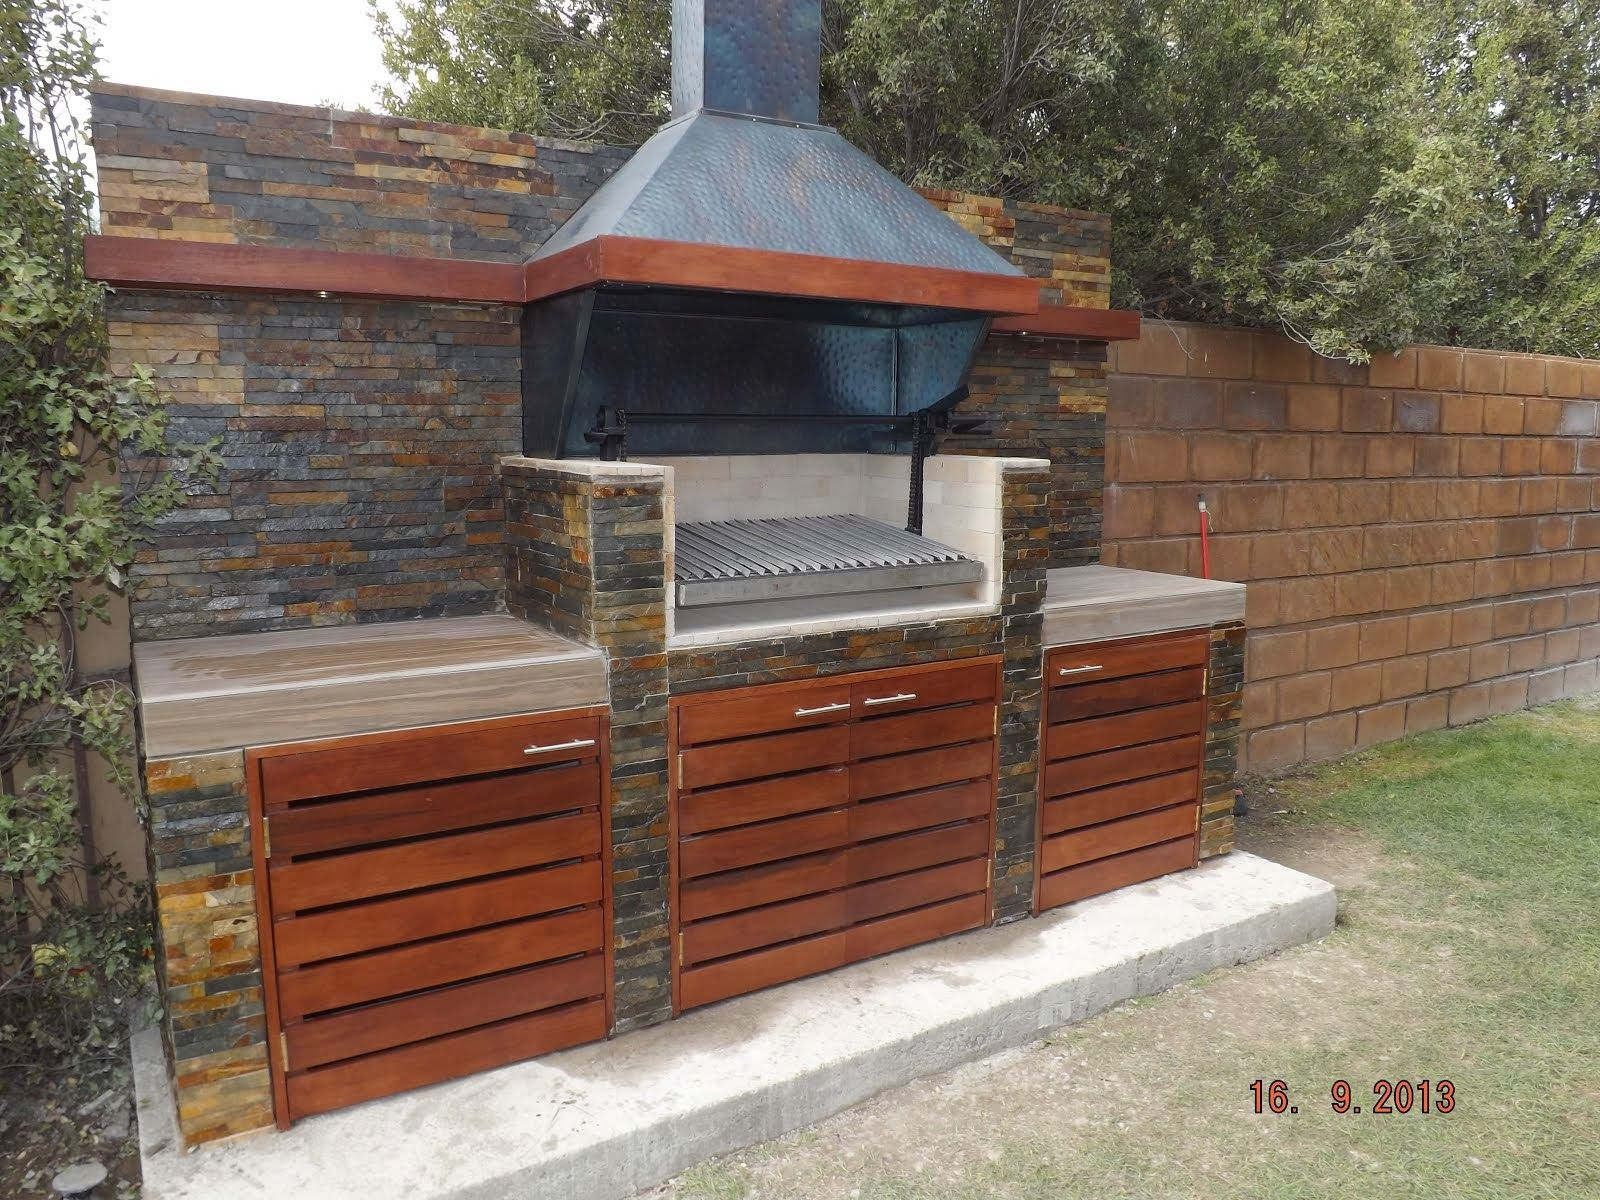 Quincho rquinteros asadores pinterest asador for Hogares a gas rusticos